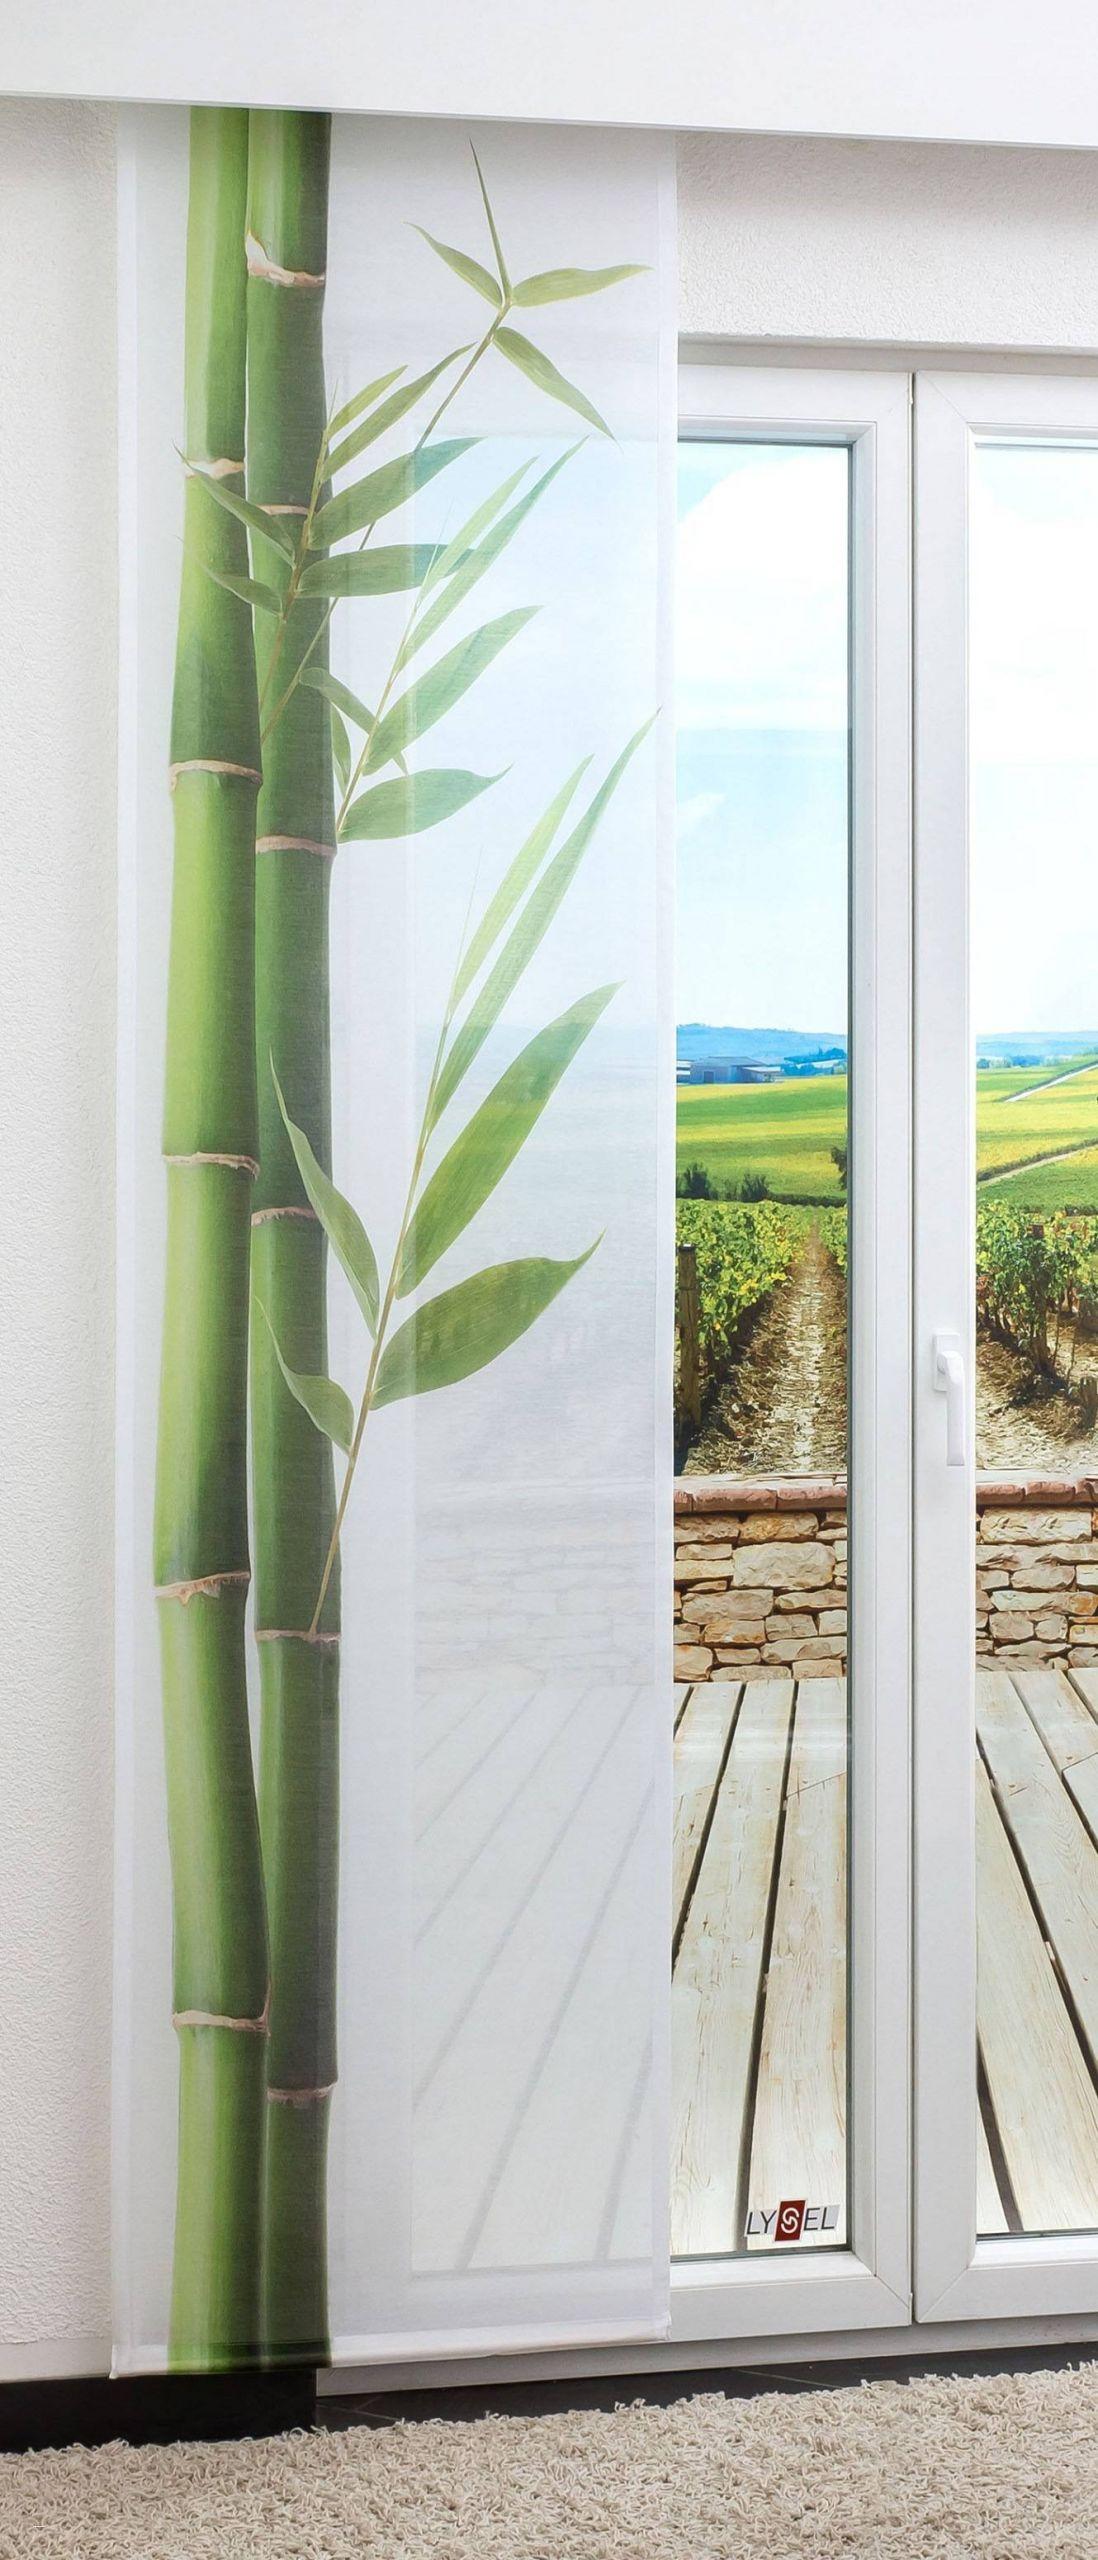 wohnzimmer deko wand new das beste von deko ideen sommer 30 wohnzimmer deko wand of wohnzimmer deko wand